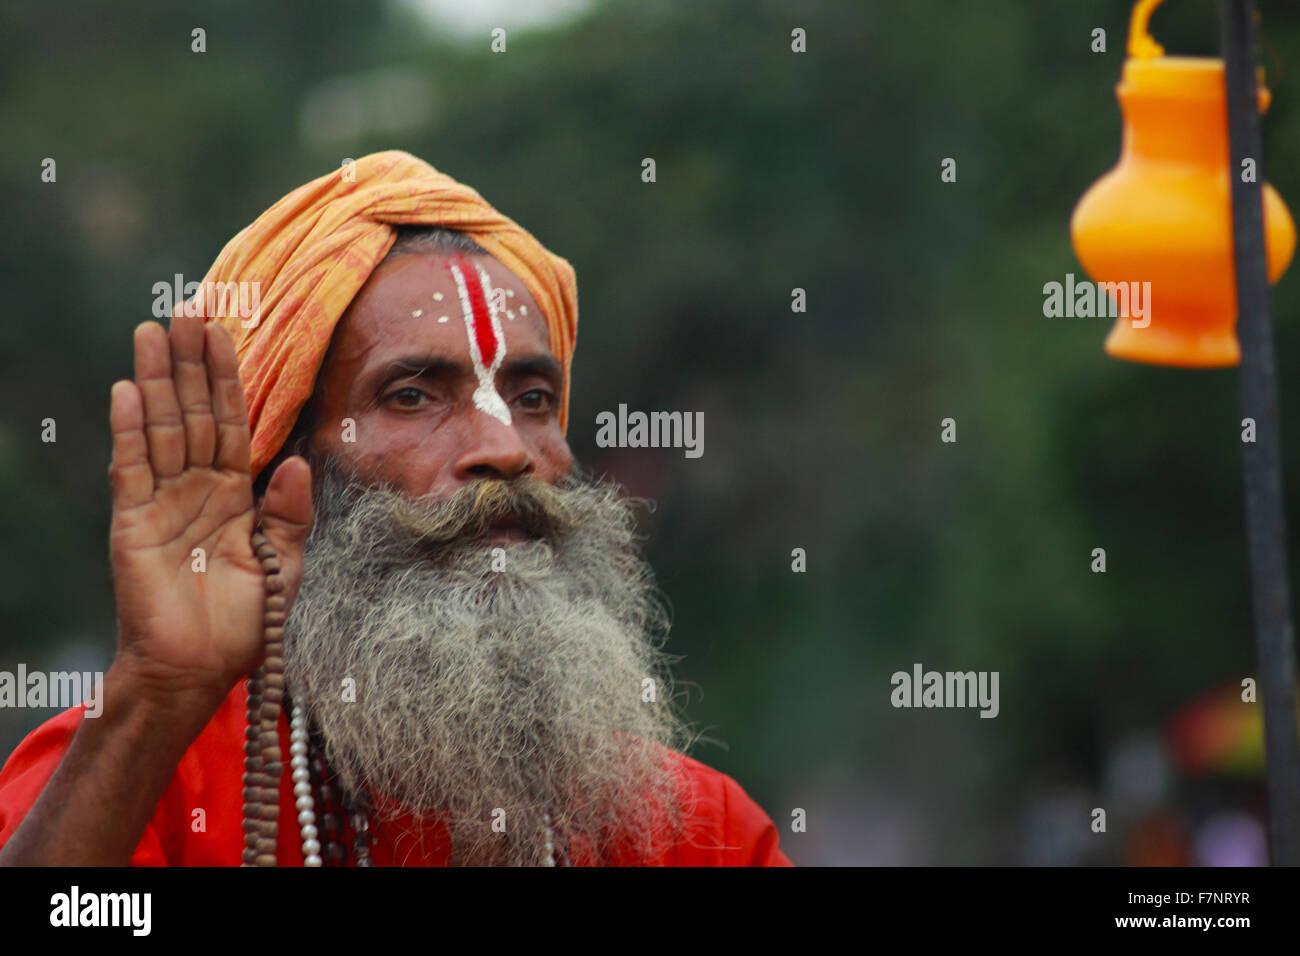 Sadhu offering blessing Kumbh Mela, Nasik, Maharashtra, India - Stock Image